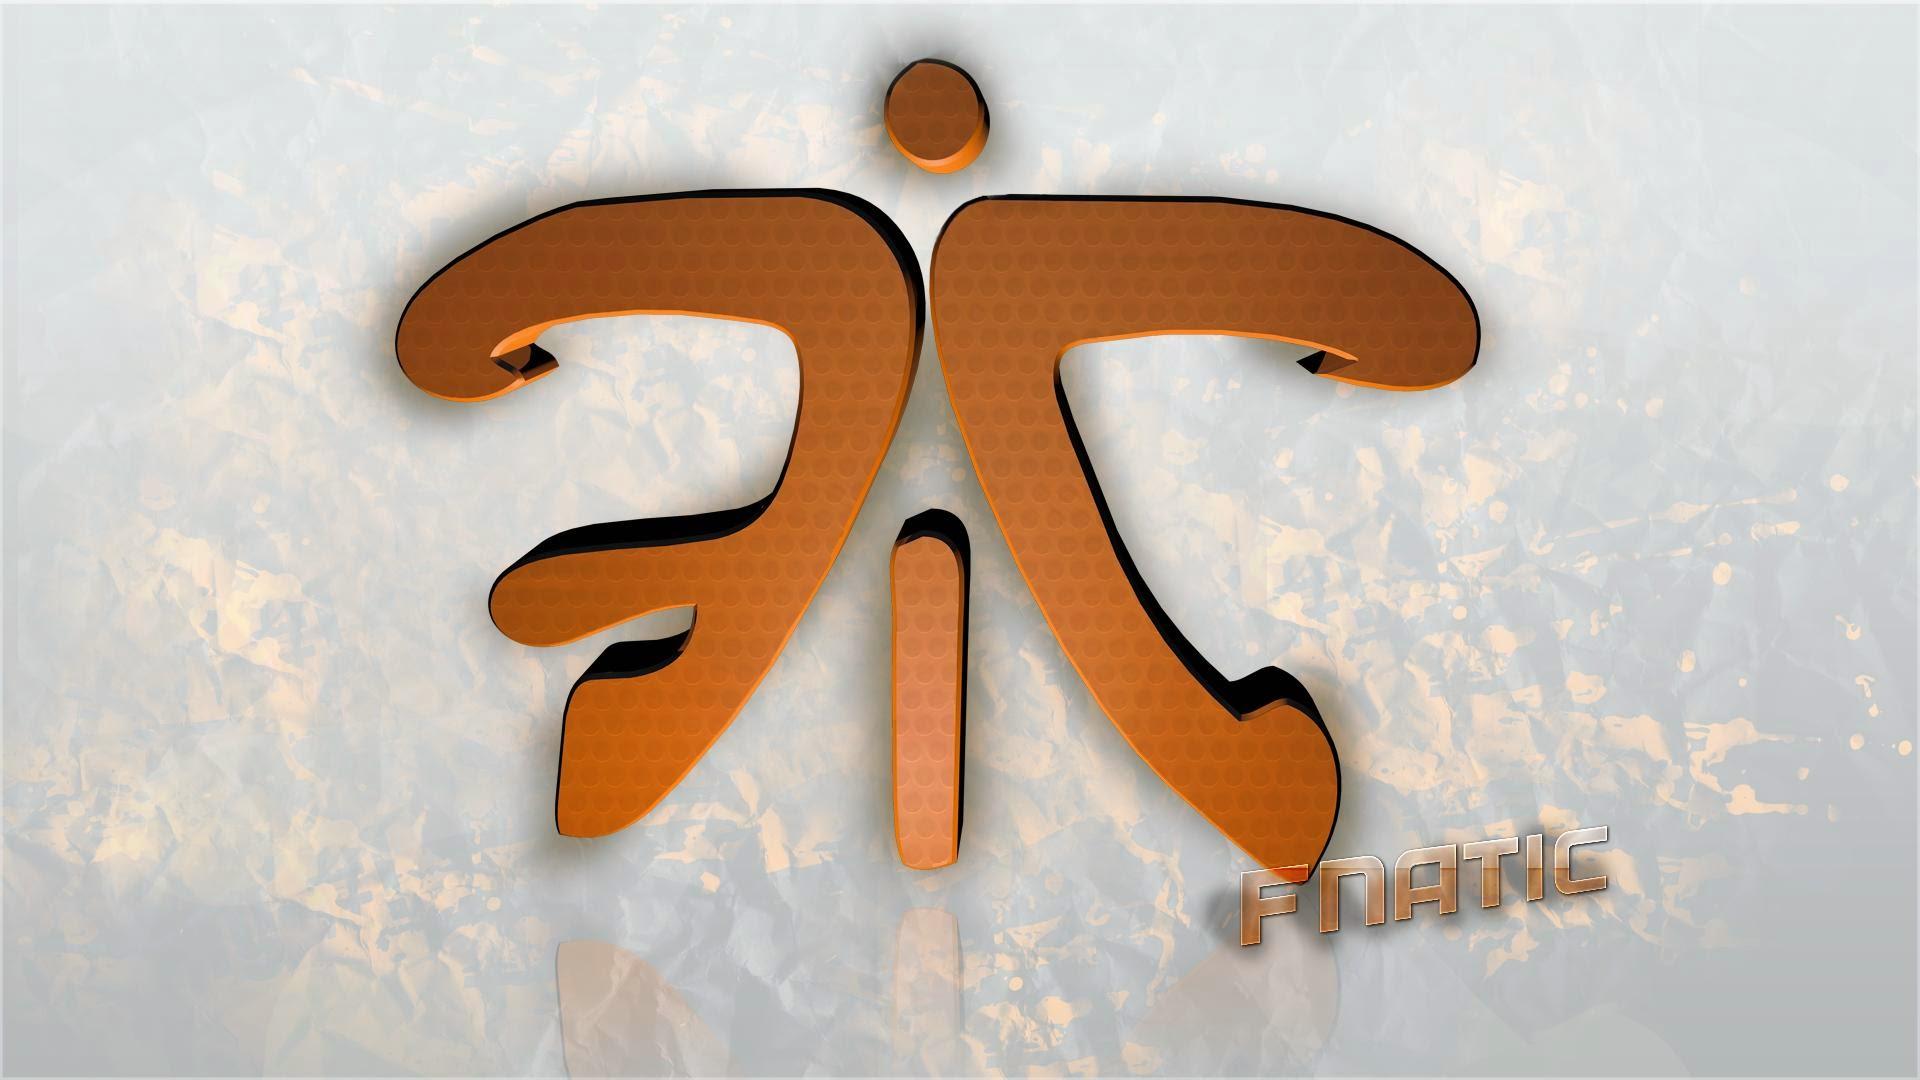 Ngắm biểu trưng của các đội tuyển LMHT chuyên nghiệp - Ảnh 9